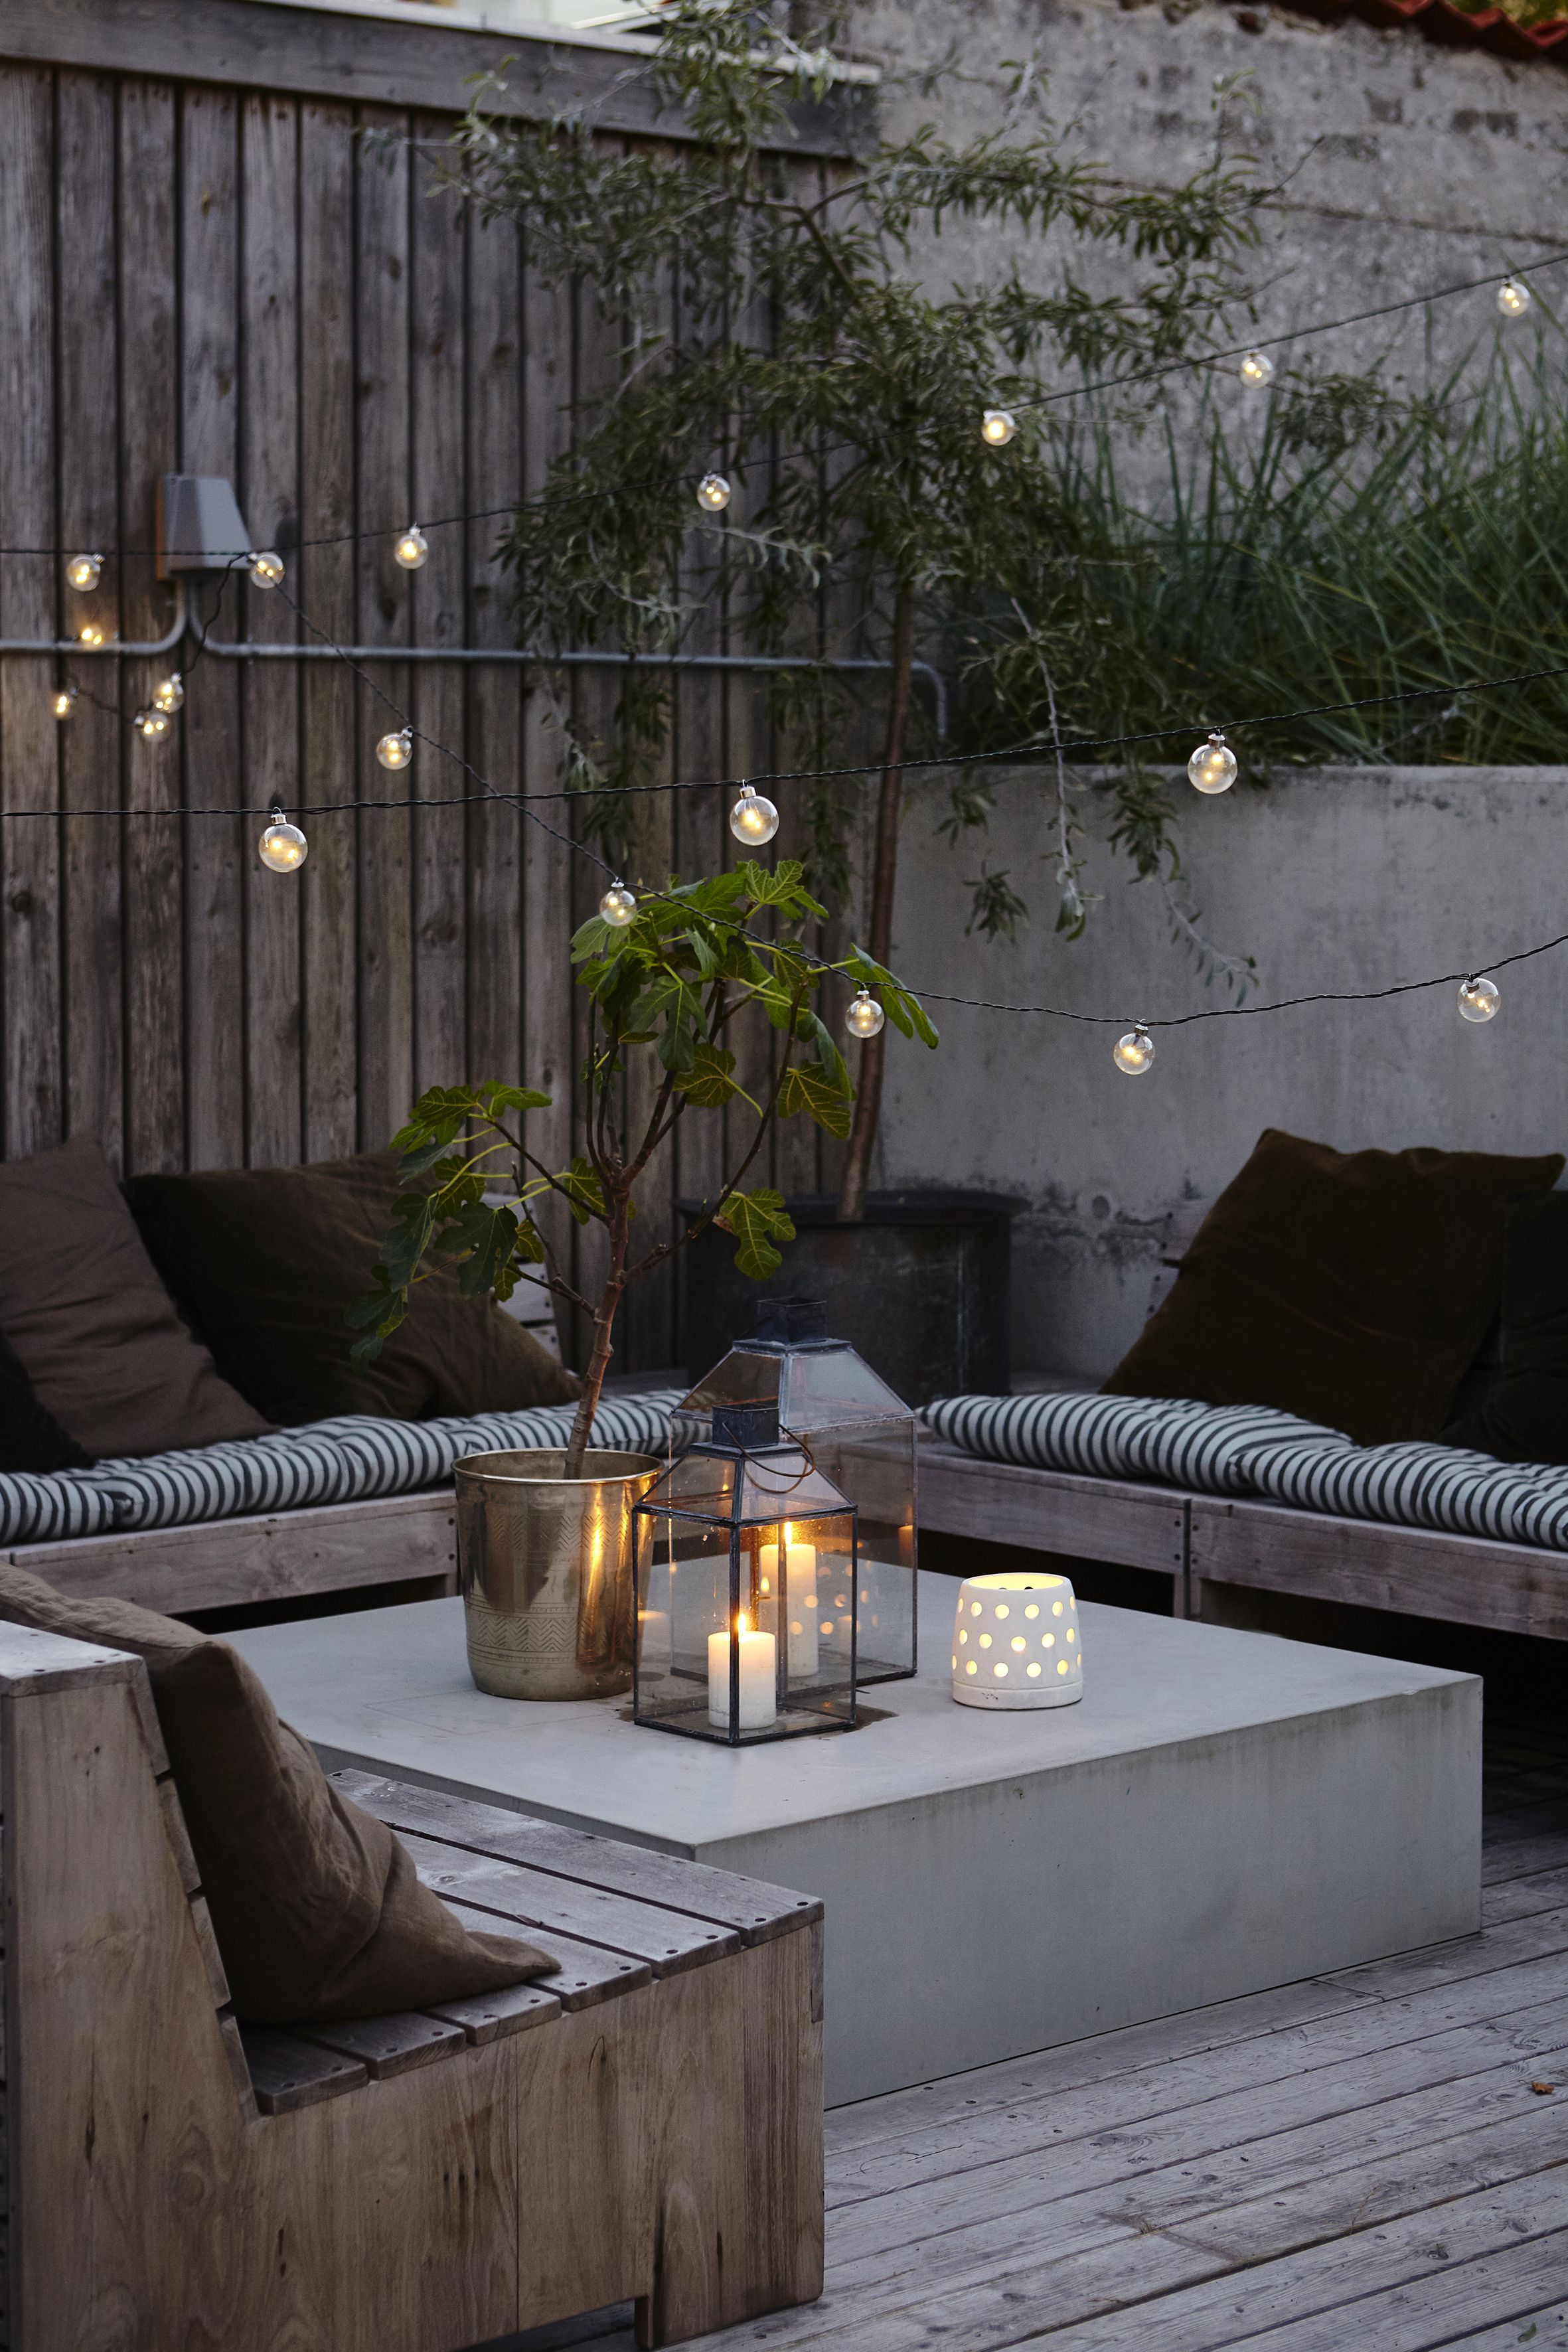 Pin von Linh Ngo auf Home: Patio | Pinterest | Lichterkette ...